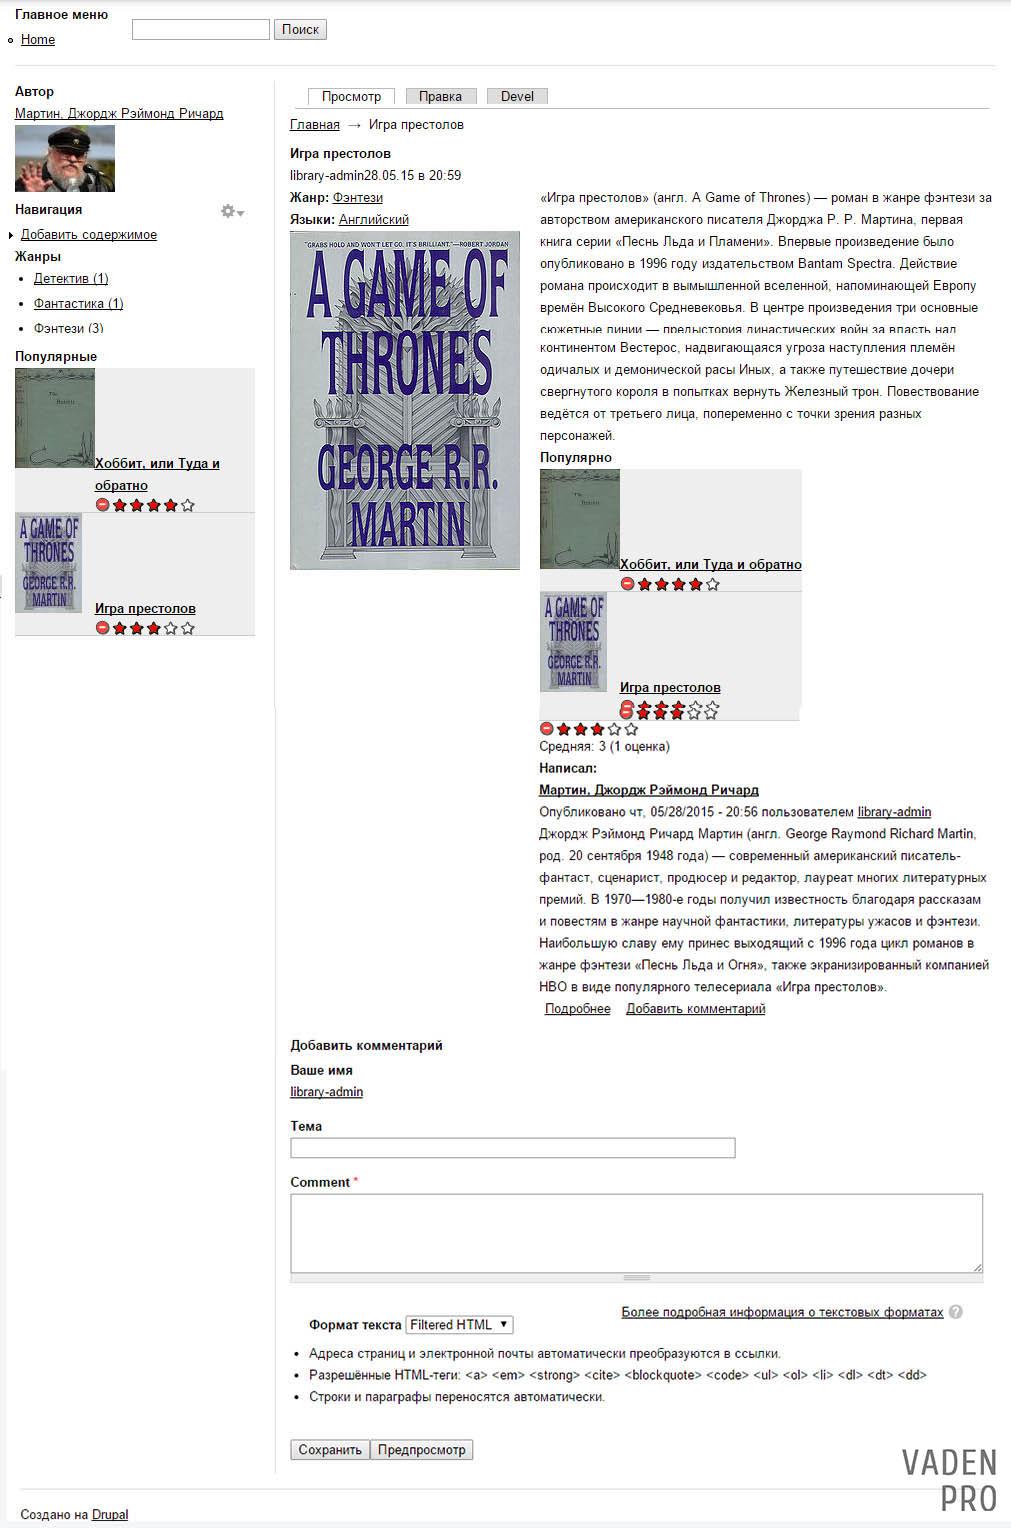 drupal темизированная страницы